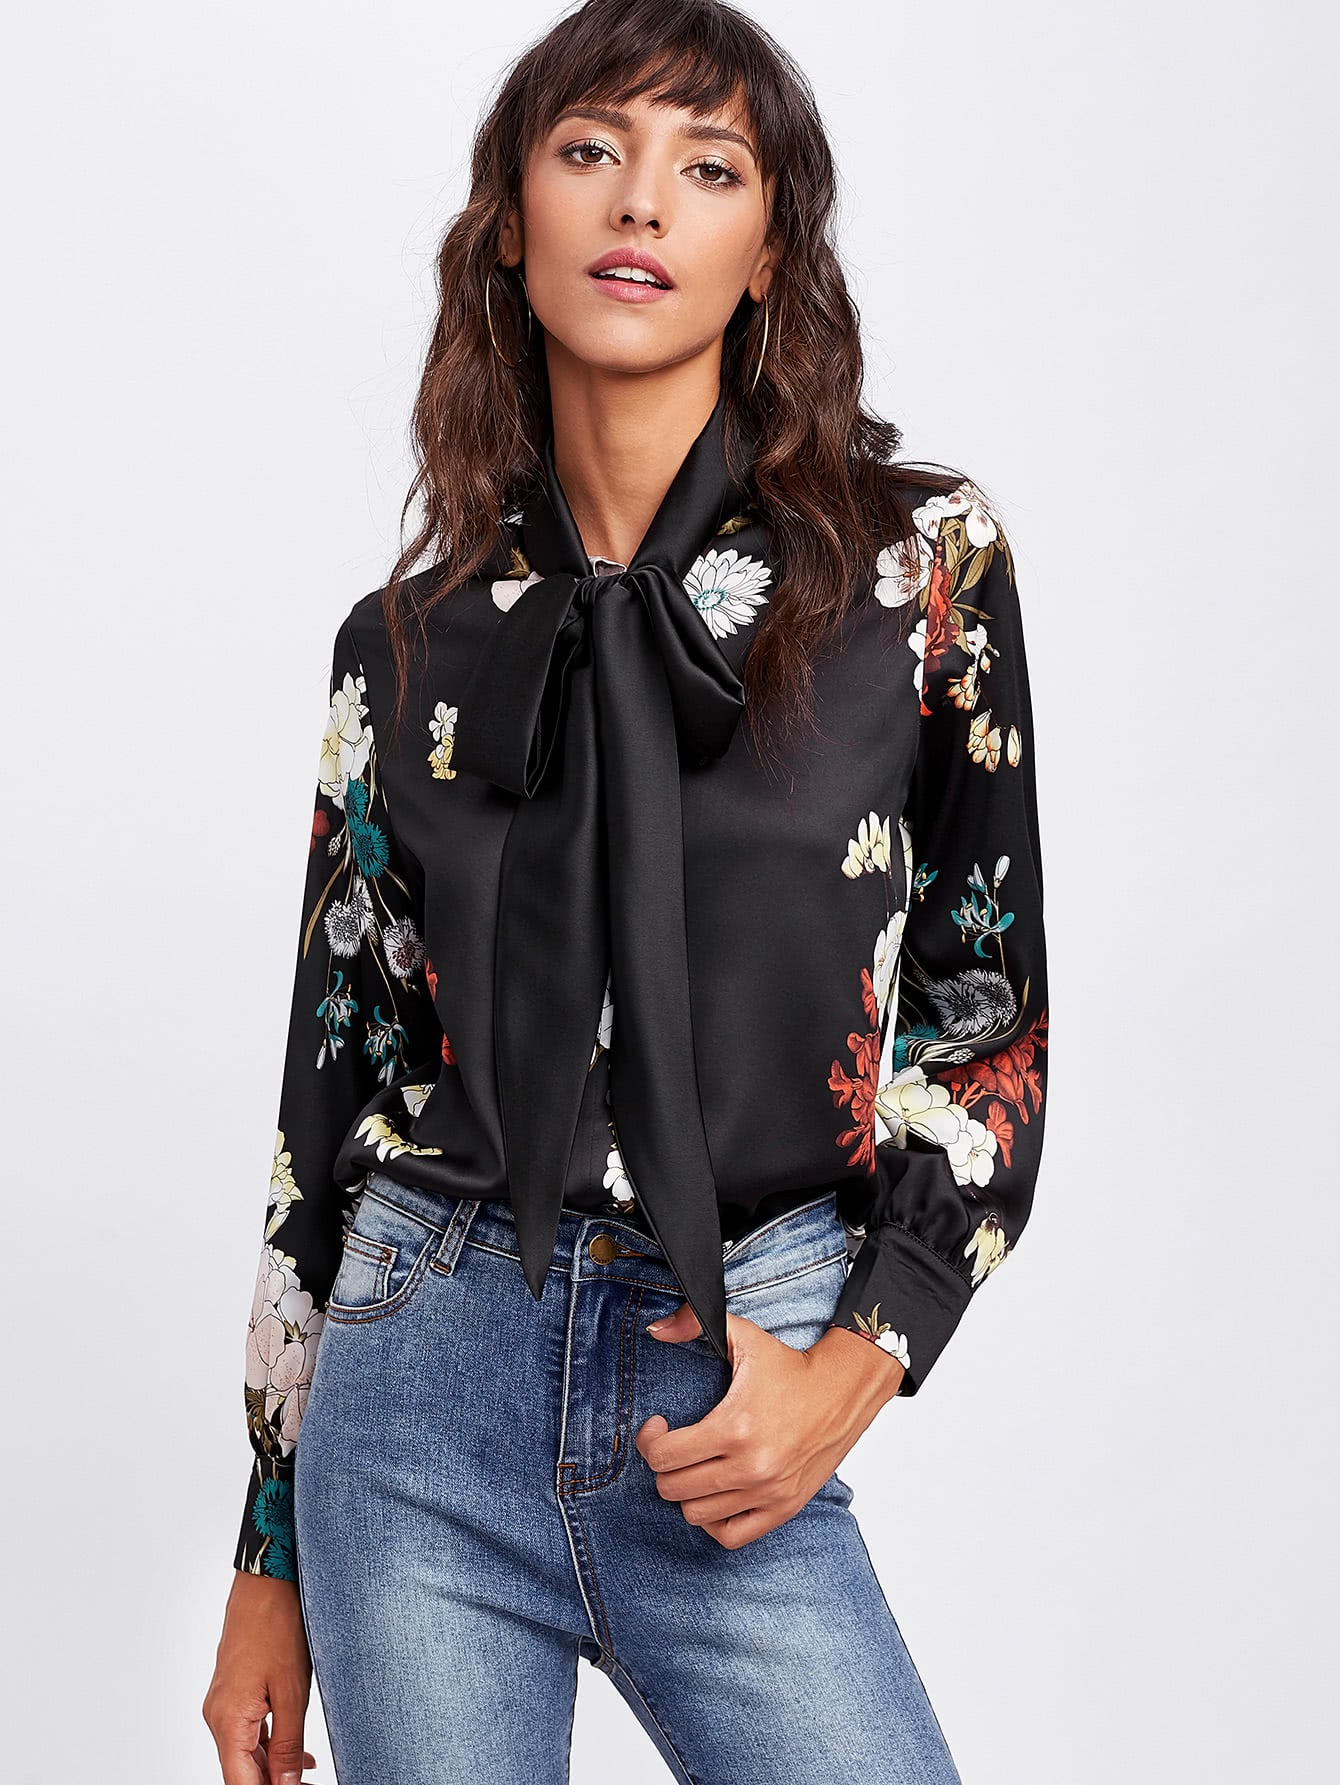 Купить Модная атласная рубашка с поясом и цветочным принтом, Camila, SheIn